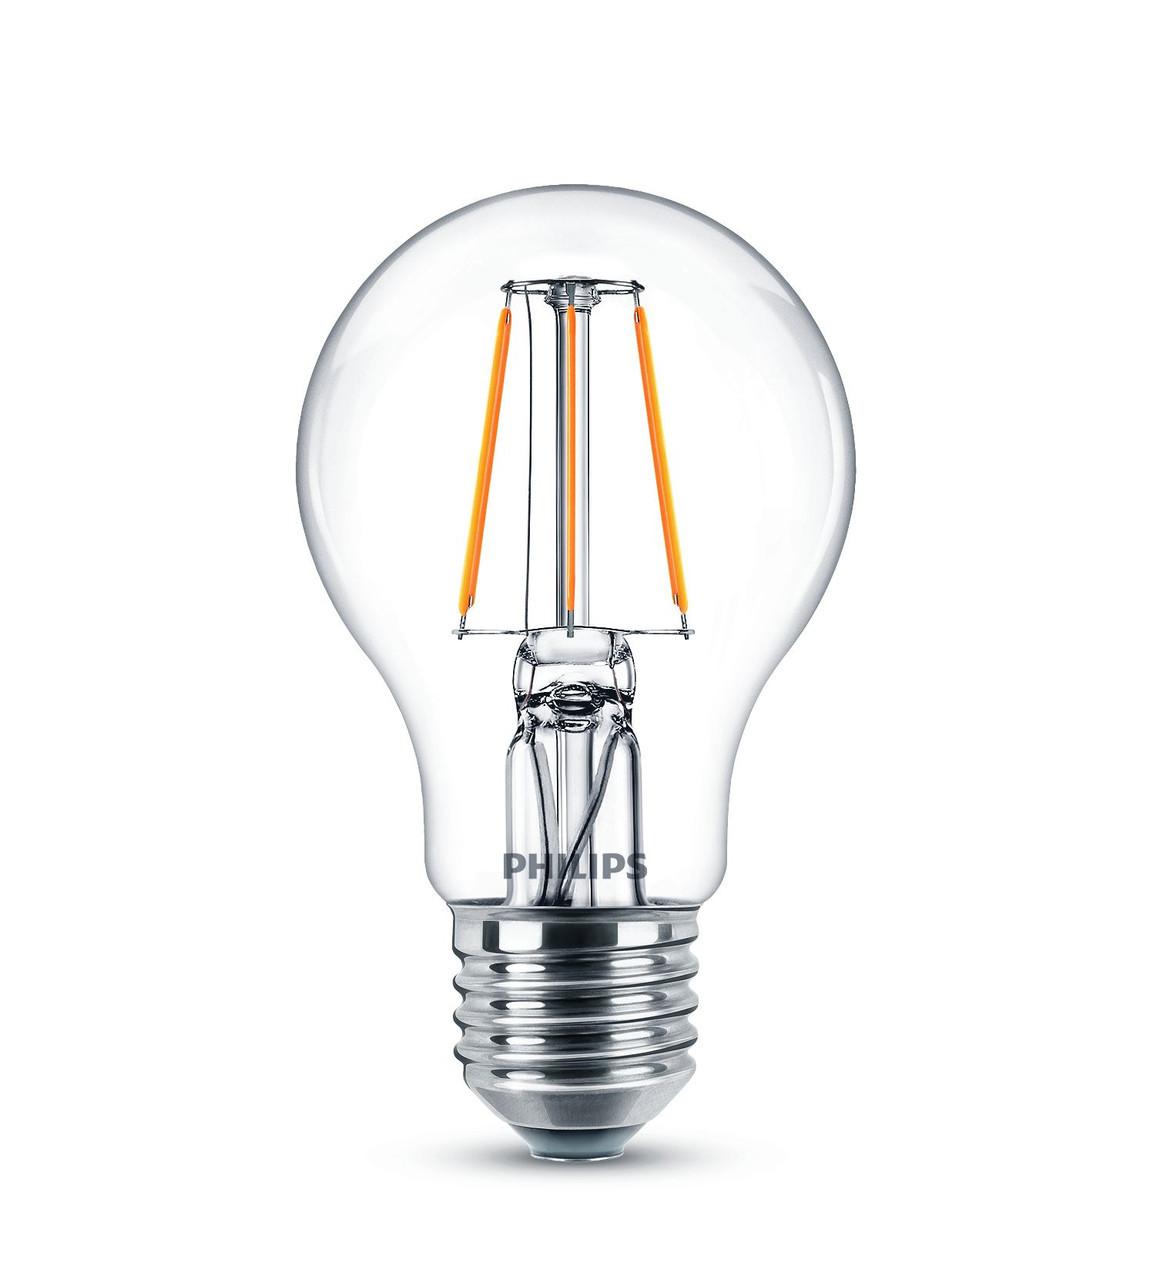 929001974508/871869962305000 Лампа LED Classic 6-60W A60 E27 830 CLNDA